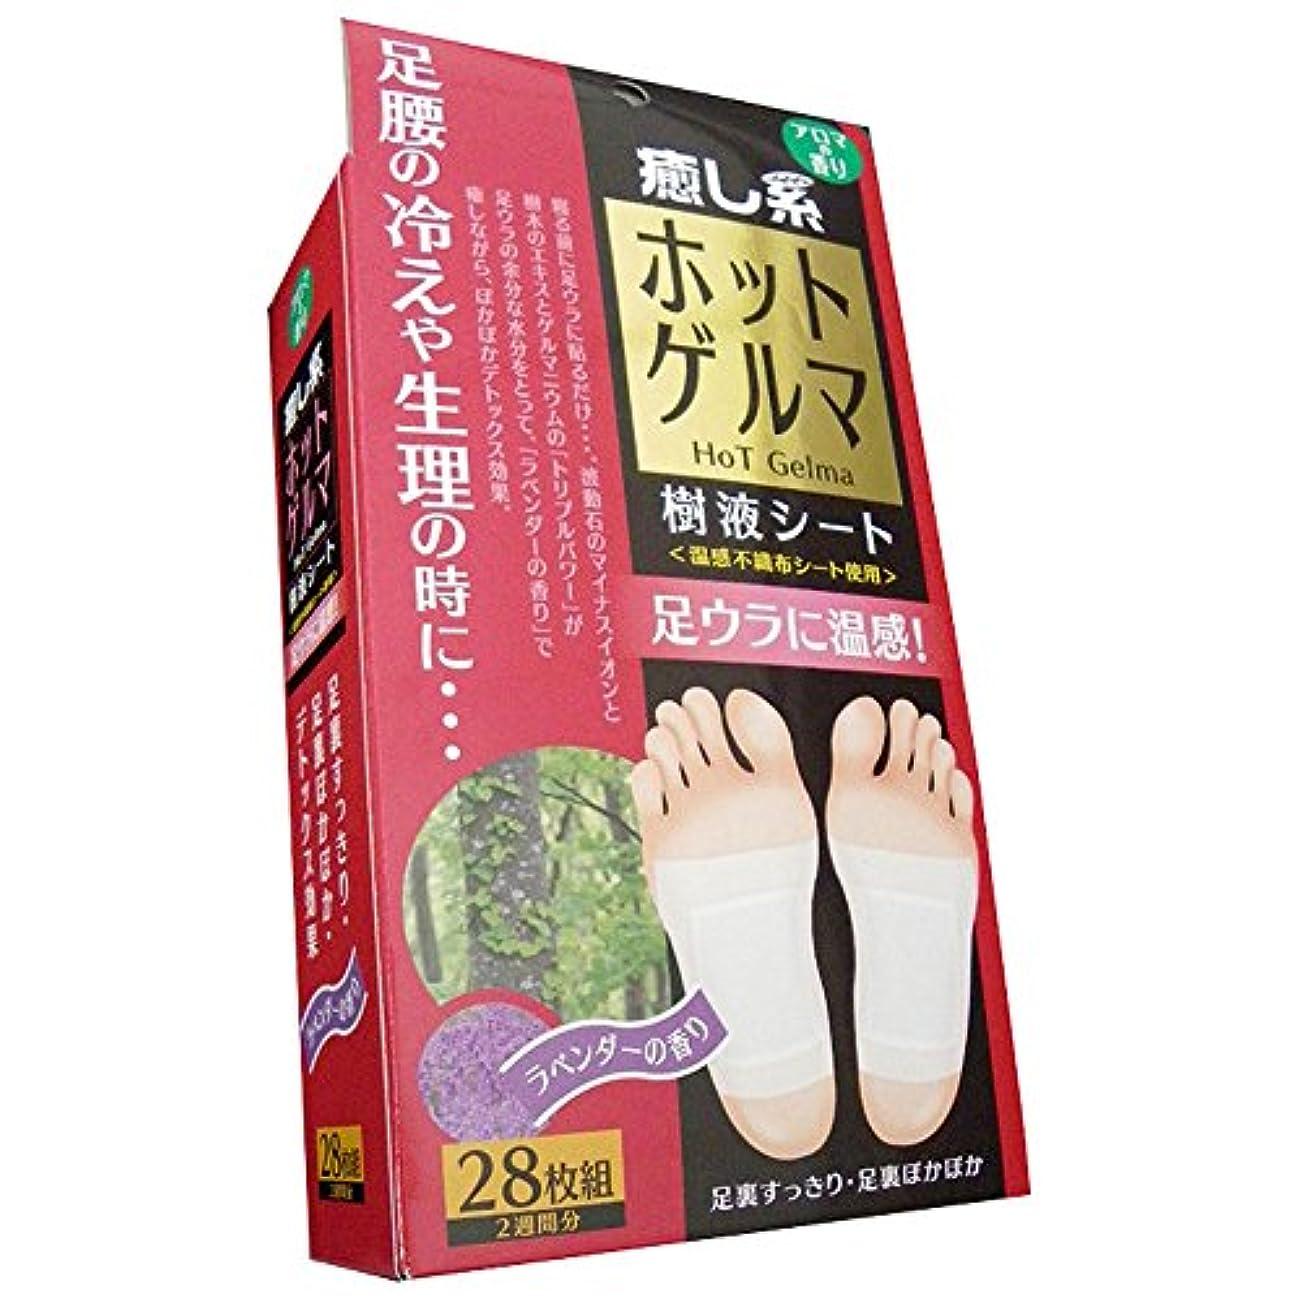 ポット奨励しますフロント日本製 HADARIKI ホットゲルマ樹液シート28枚組 2週間分 ラベンダーの香り 足 裏 樹液 シート フット ケア 足ツボ 健康 まとめ買い